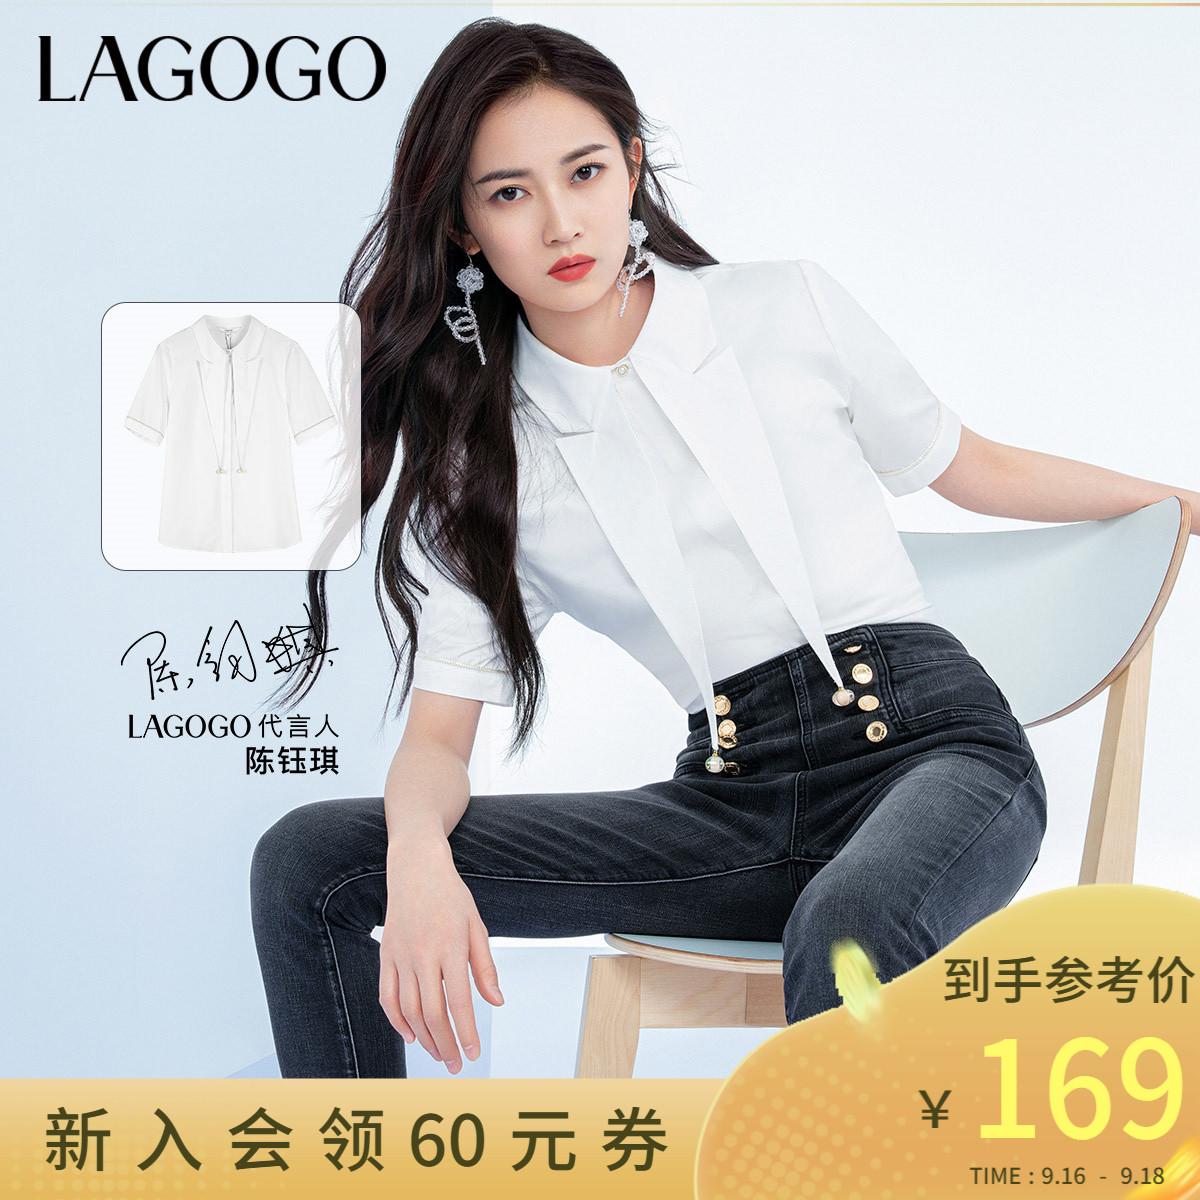 【陈钰琪同款】Lagogo拉谷谷2021新款翻领短袖衬衫女白色职场气质